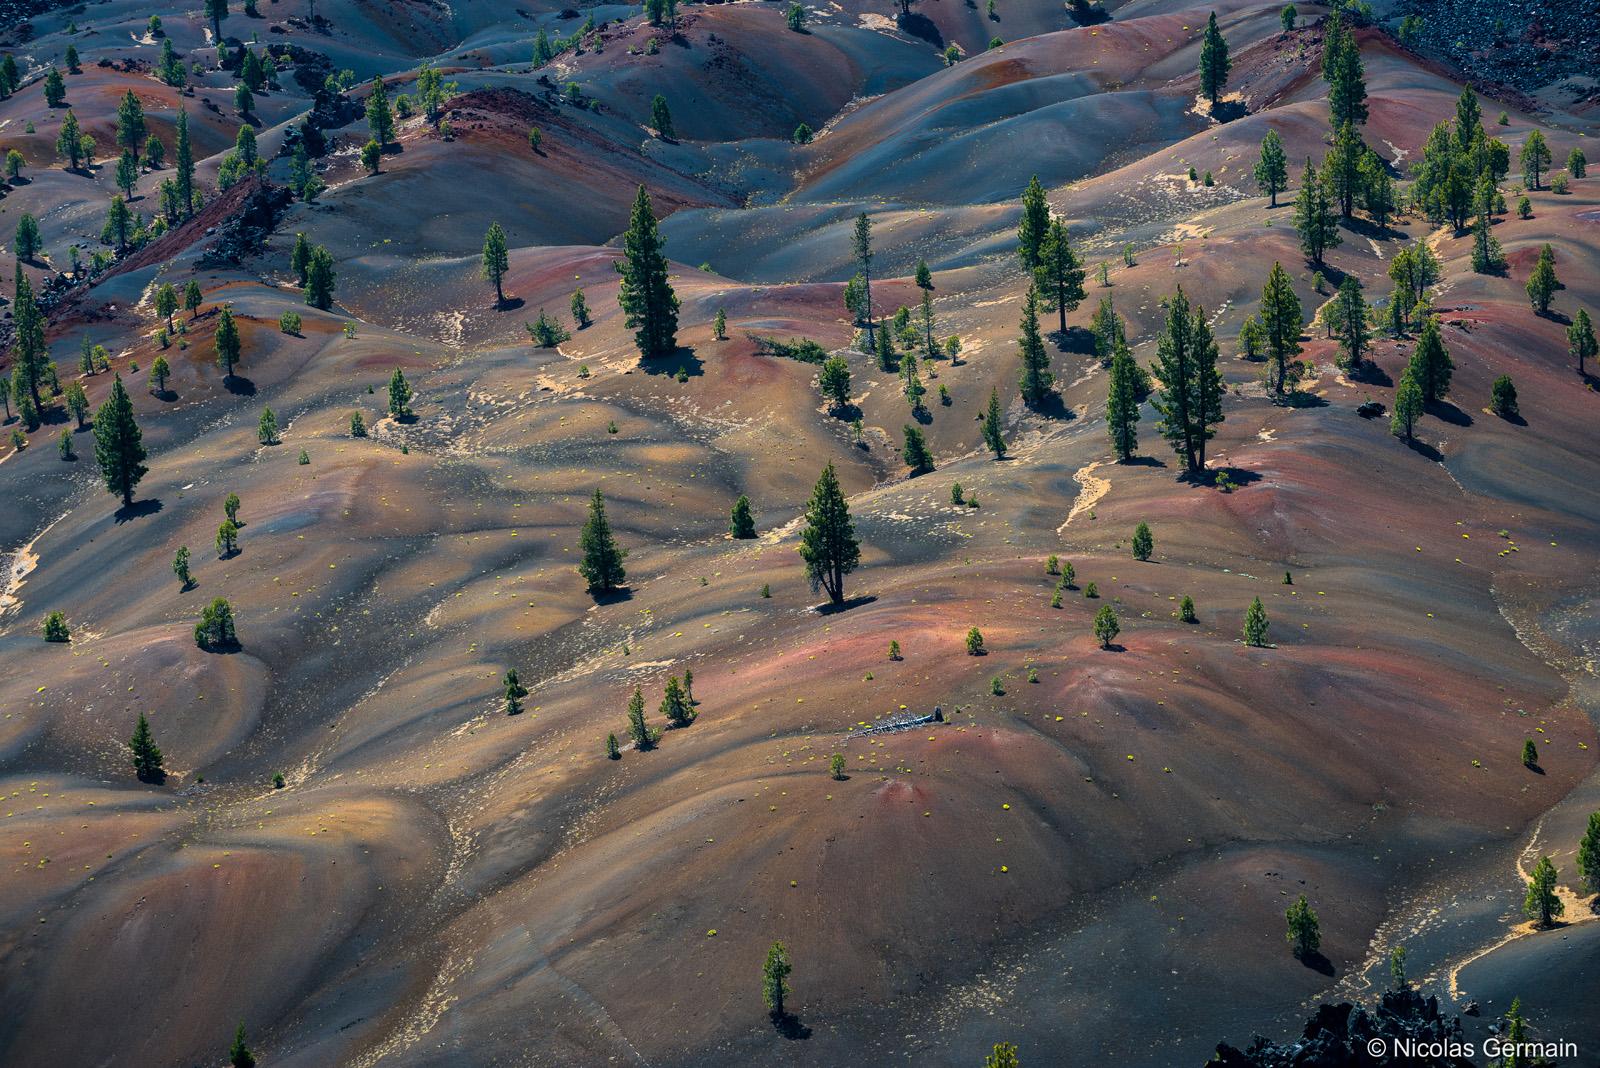 Les Pins parviennent à pousser au milieu des dunes colorées de Painted Dunes, Lassen Volcanic National Park